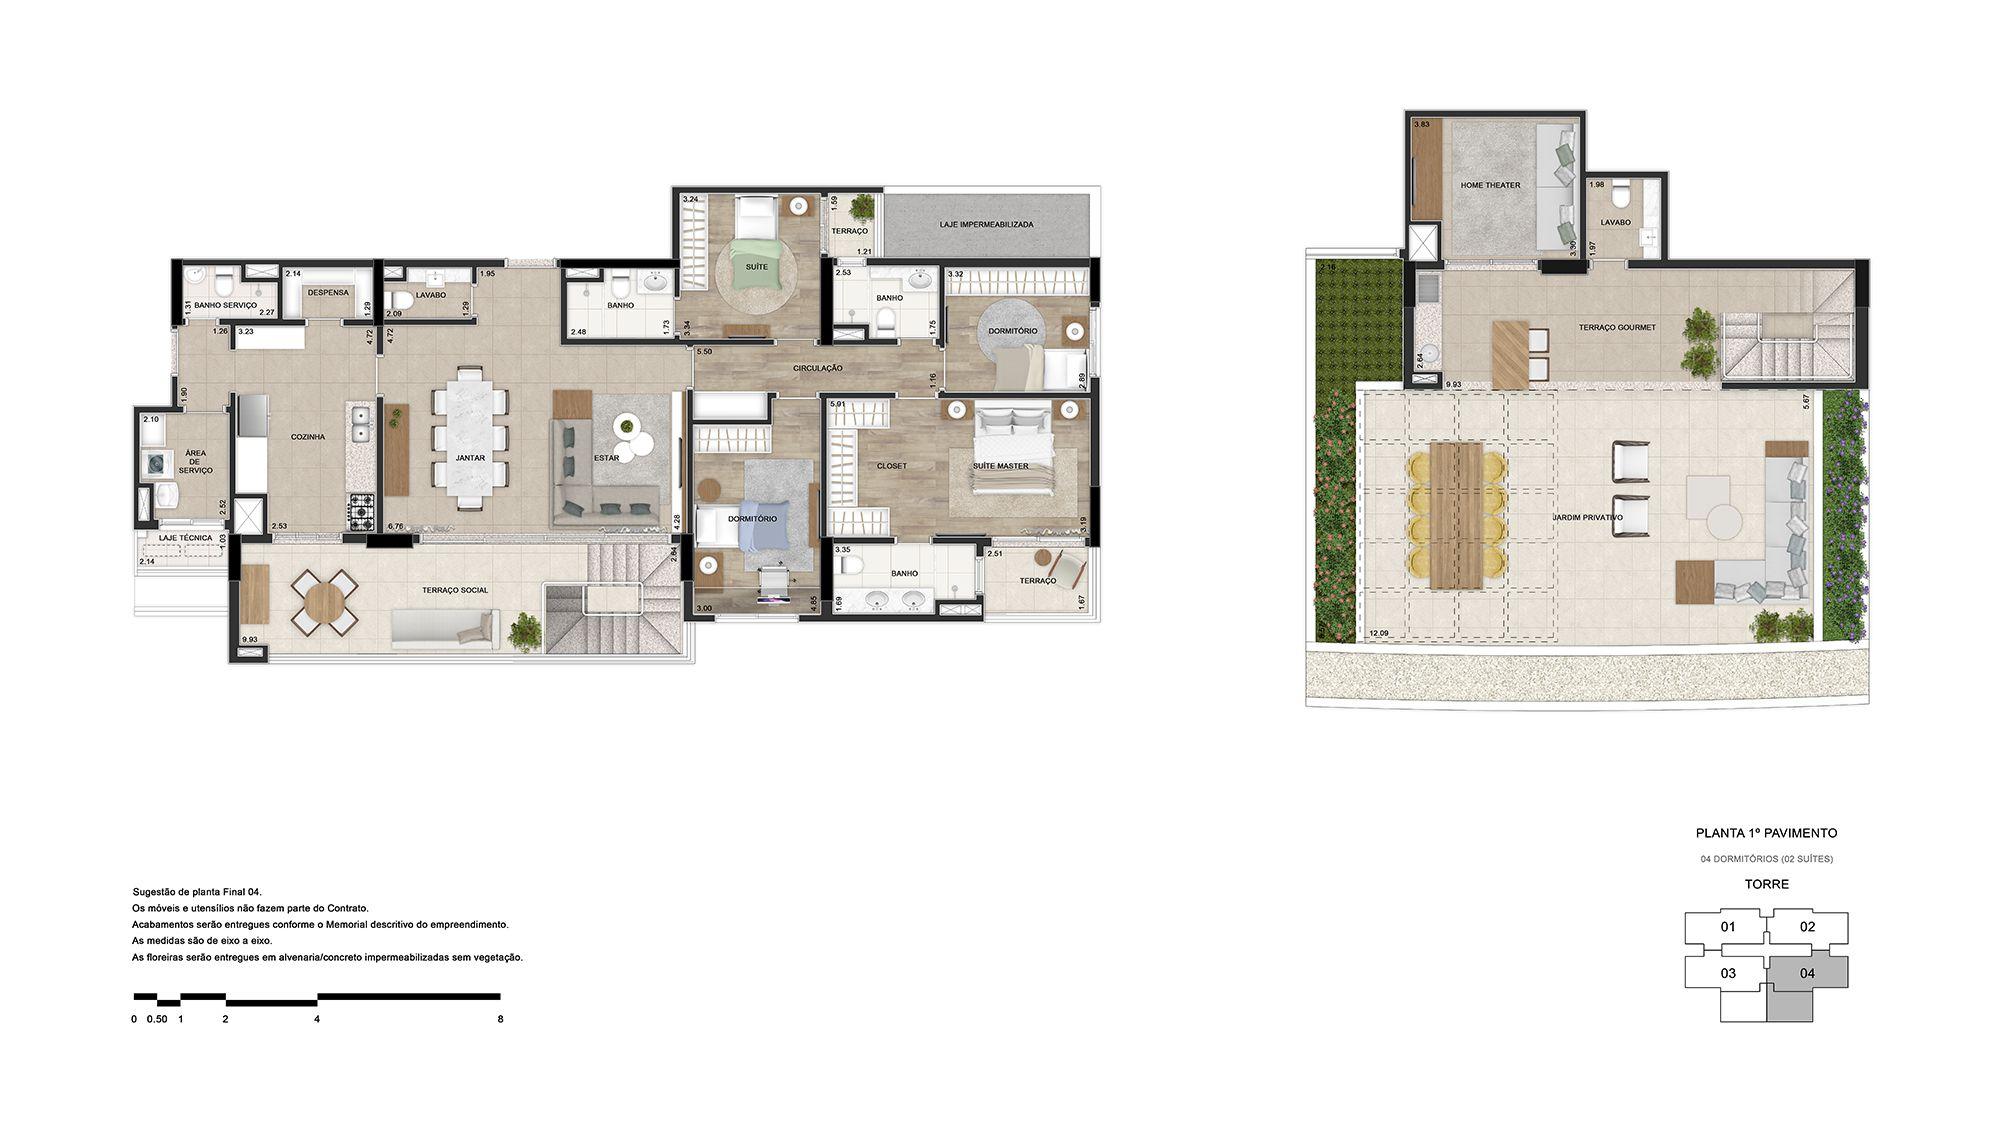 Cobertura (1° pavimento)